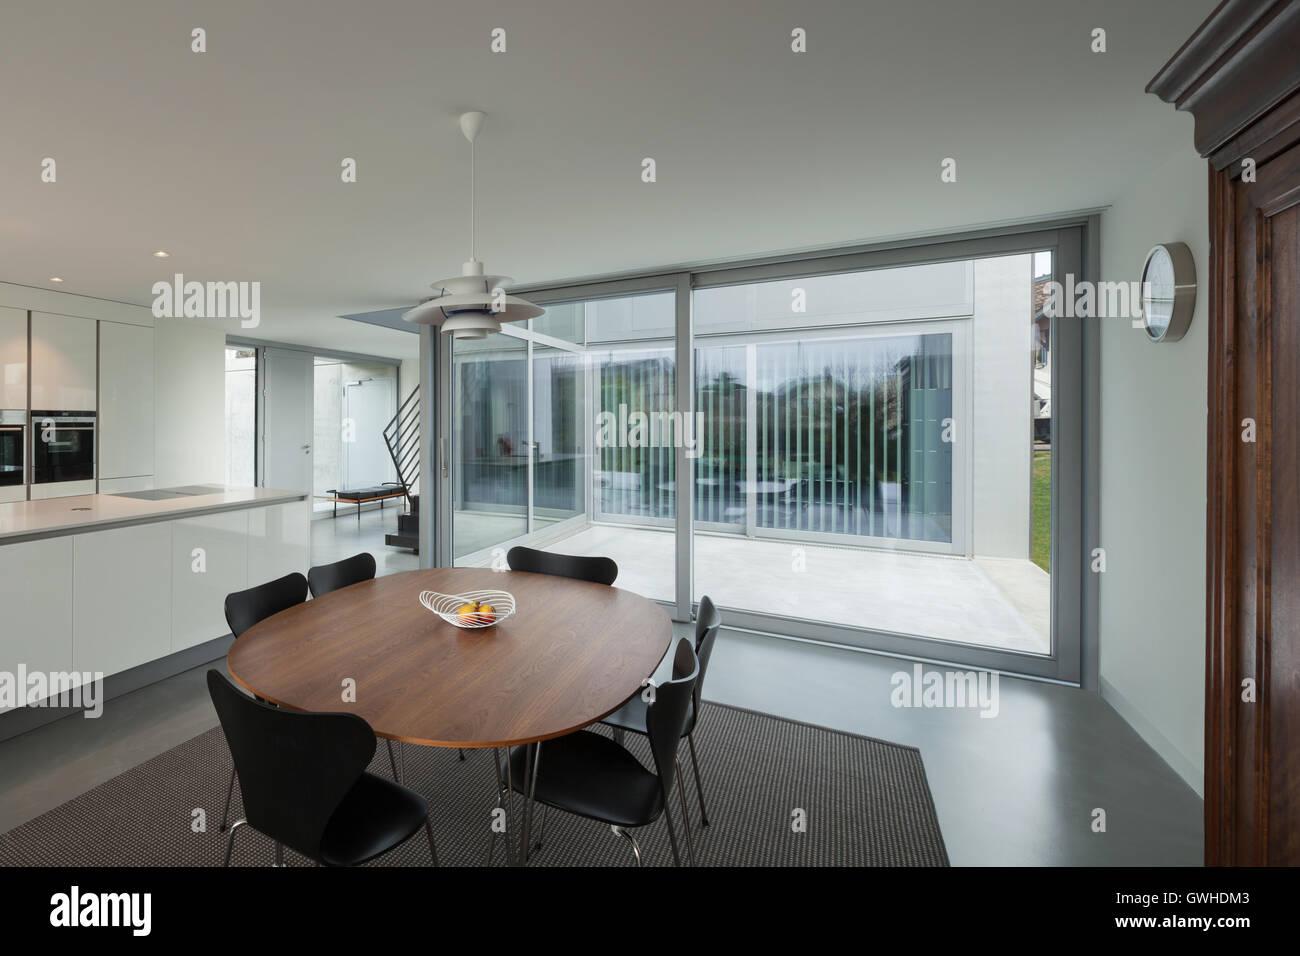 Schöne Esszimmer | Schone Innenraume Eines Modernen Hauses Esszimmer Stockfoto Bild